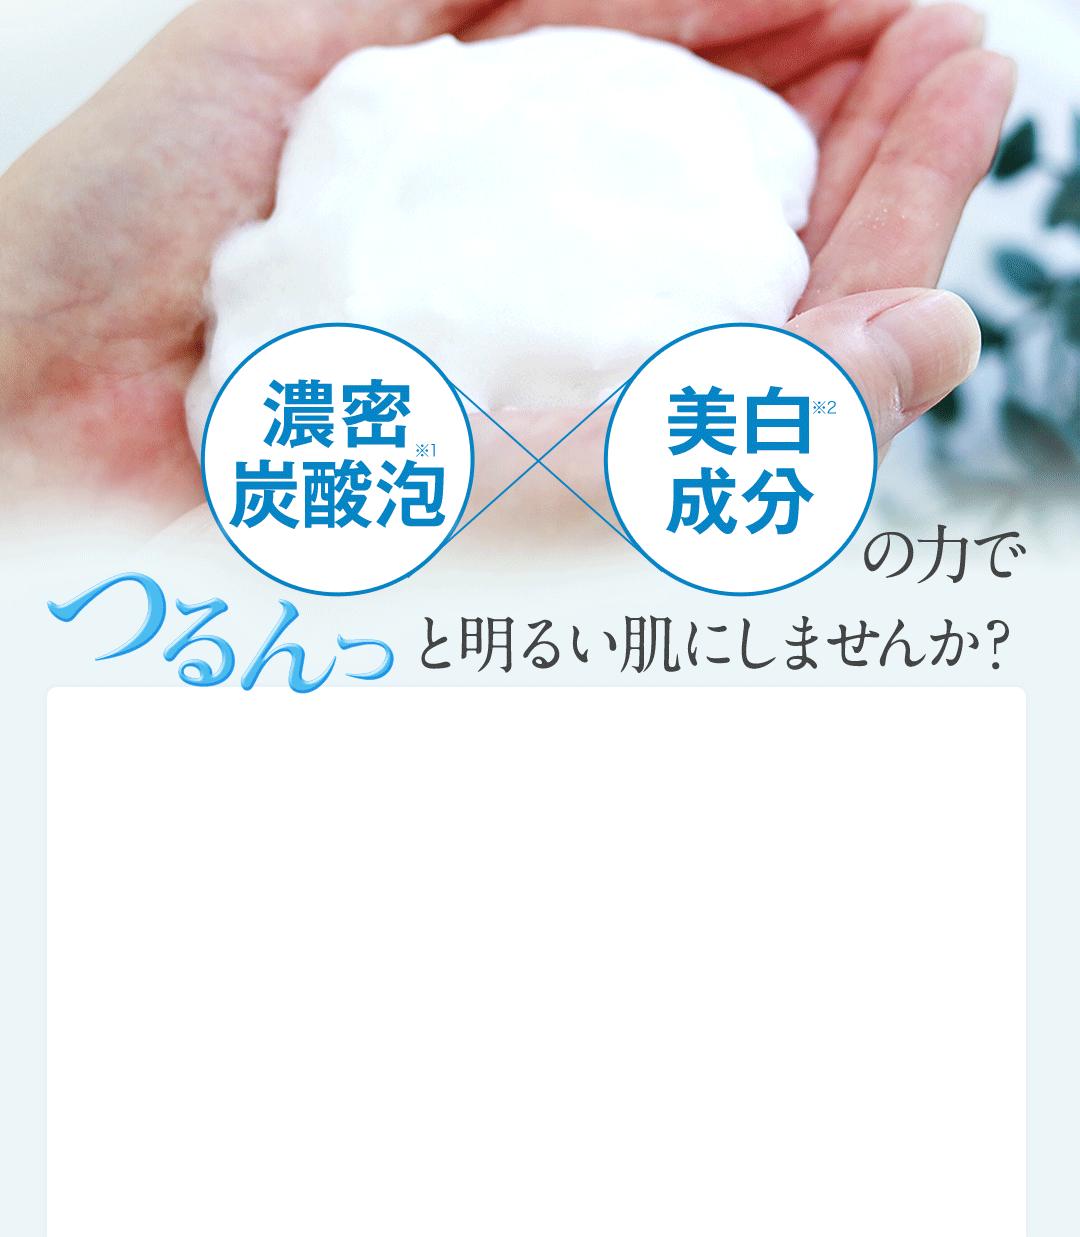 濃密炭酸泡 美白成分の力でつるんっと明るい肌にしませんか?